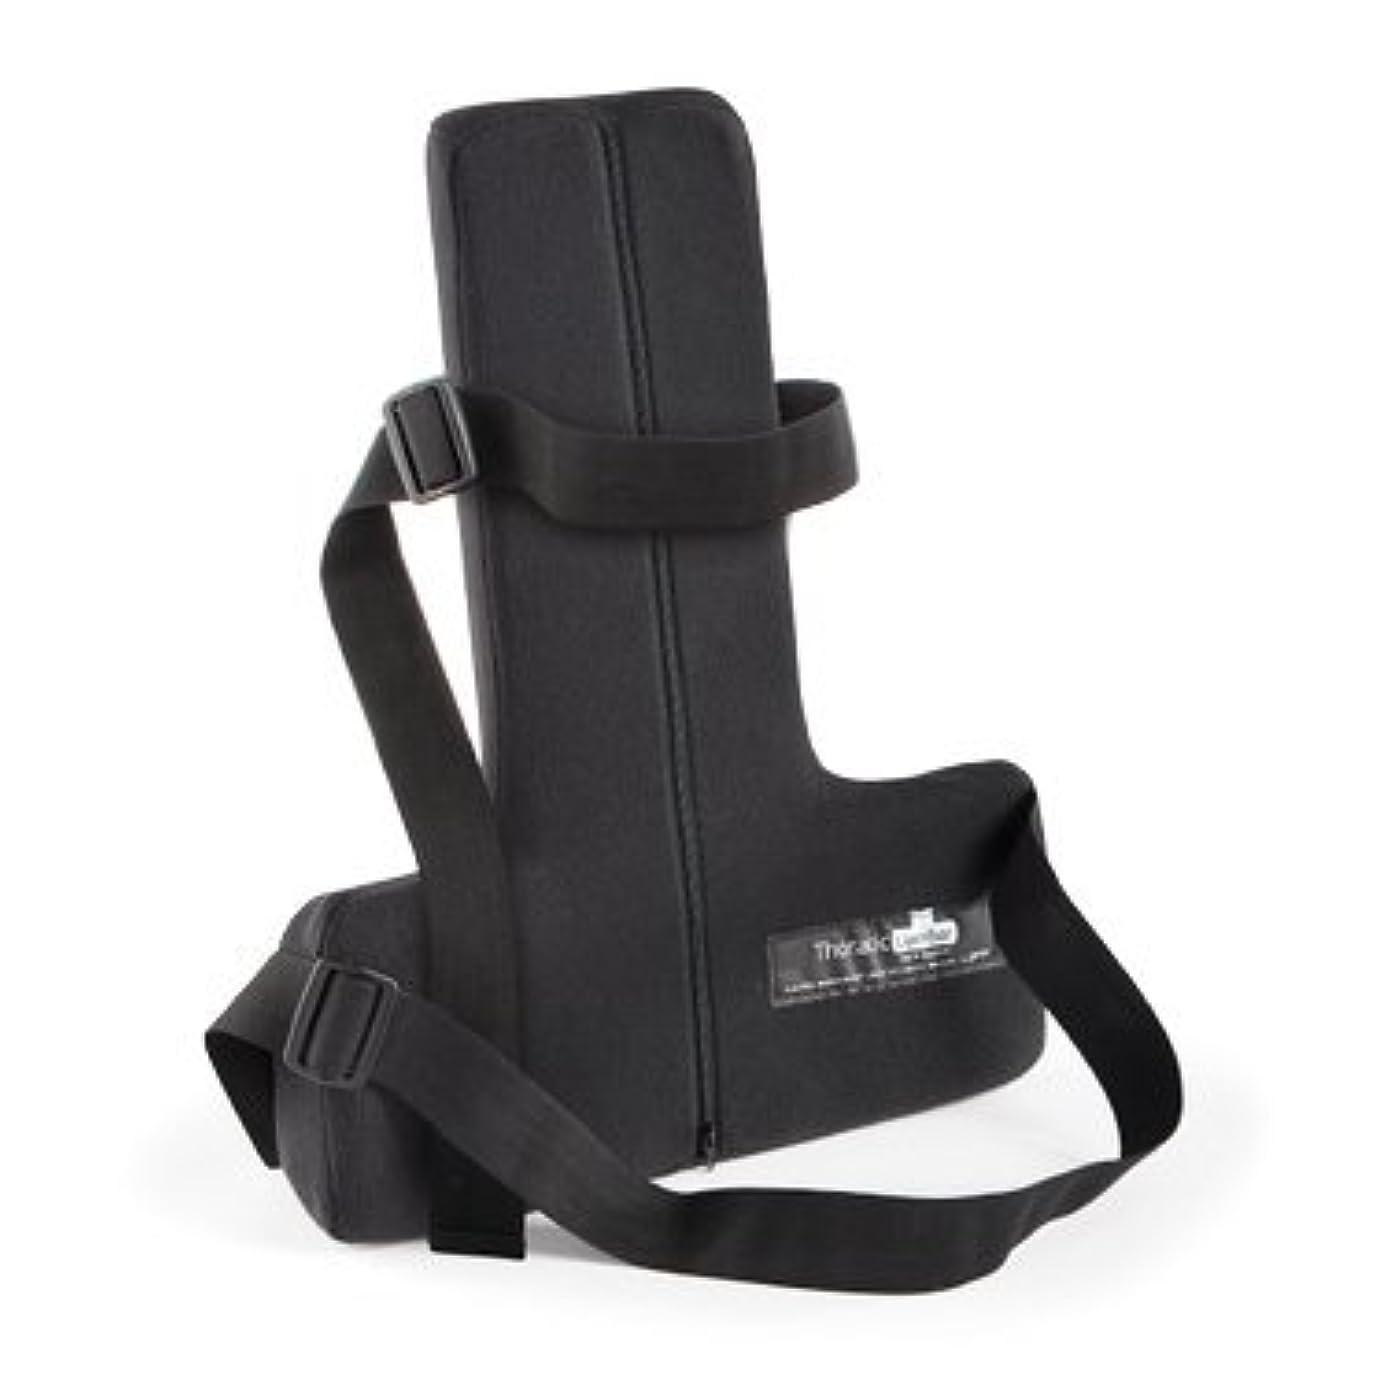 マスク定期的ぶら下がるオーピーティー 自宅 車内 オフィス 椅子腰椎サポート 正しい姿勢で背中 肩 首への負担を減らすクッション